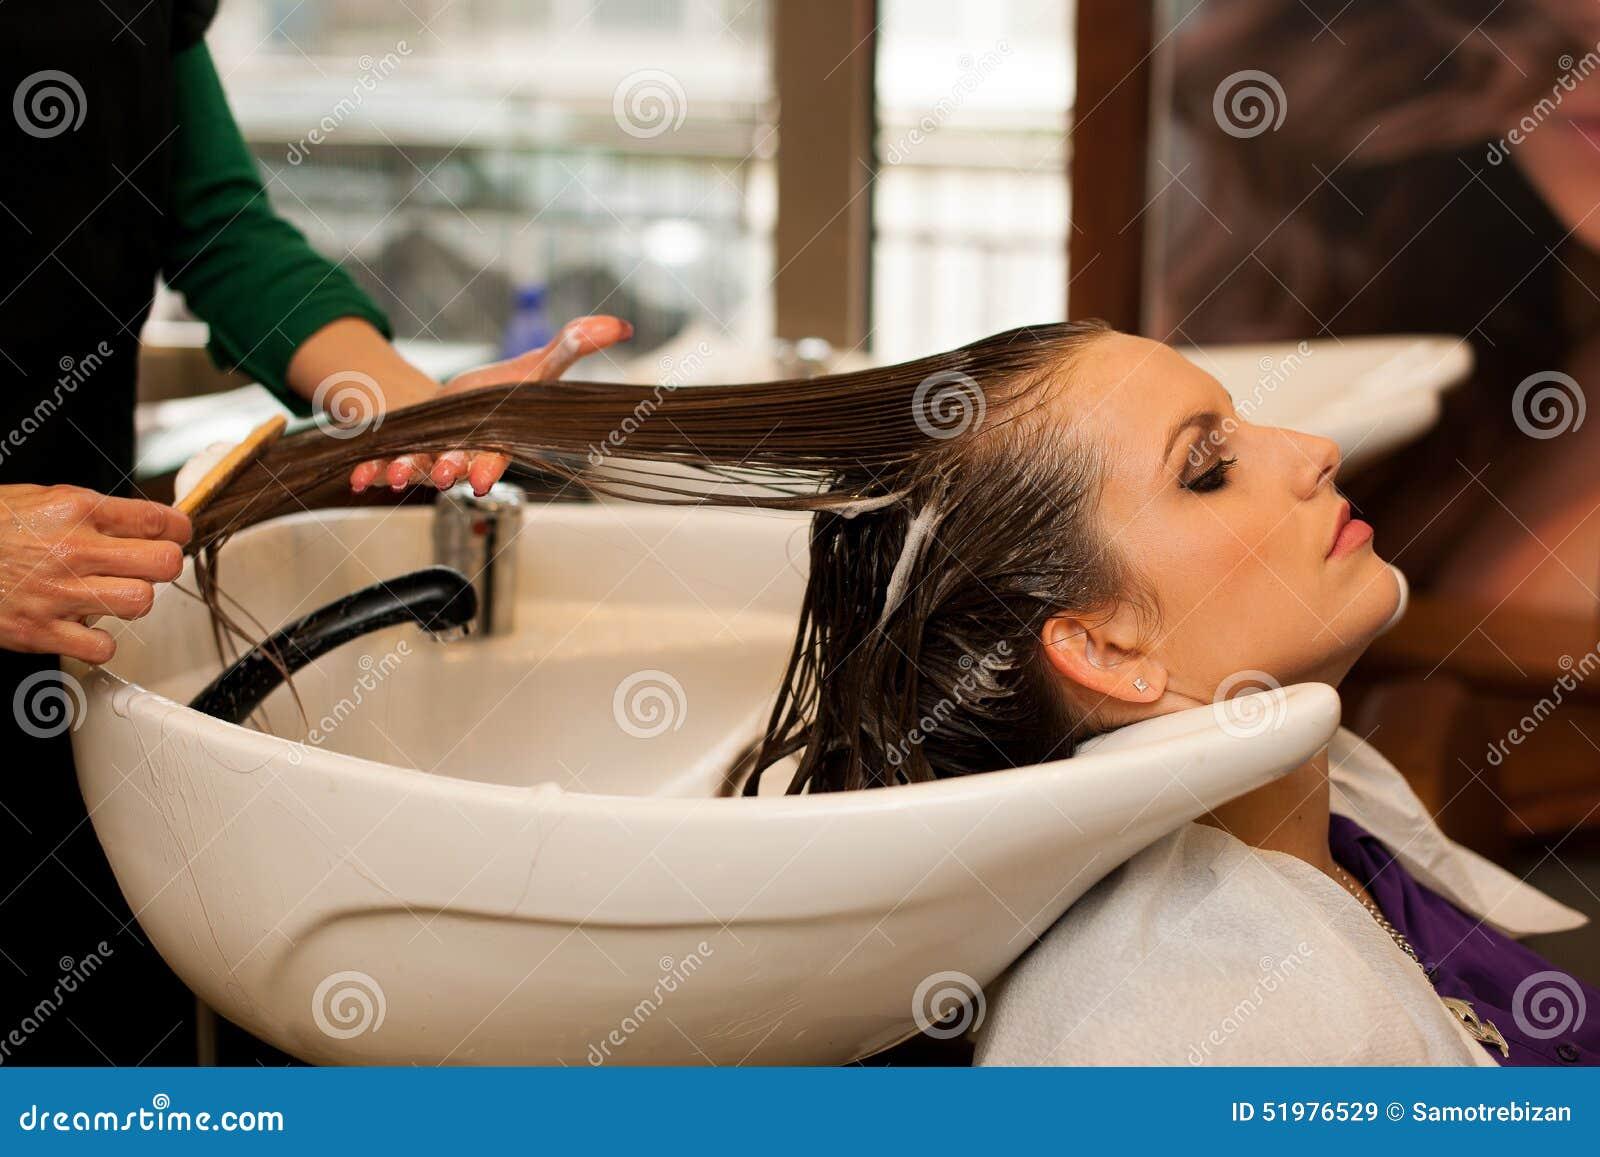 Coiffeur faisant le traitement de cheveux à un client dans le salon